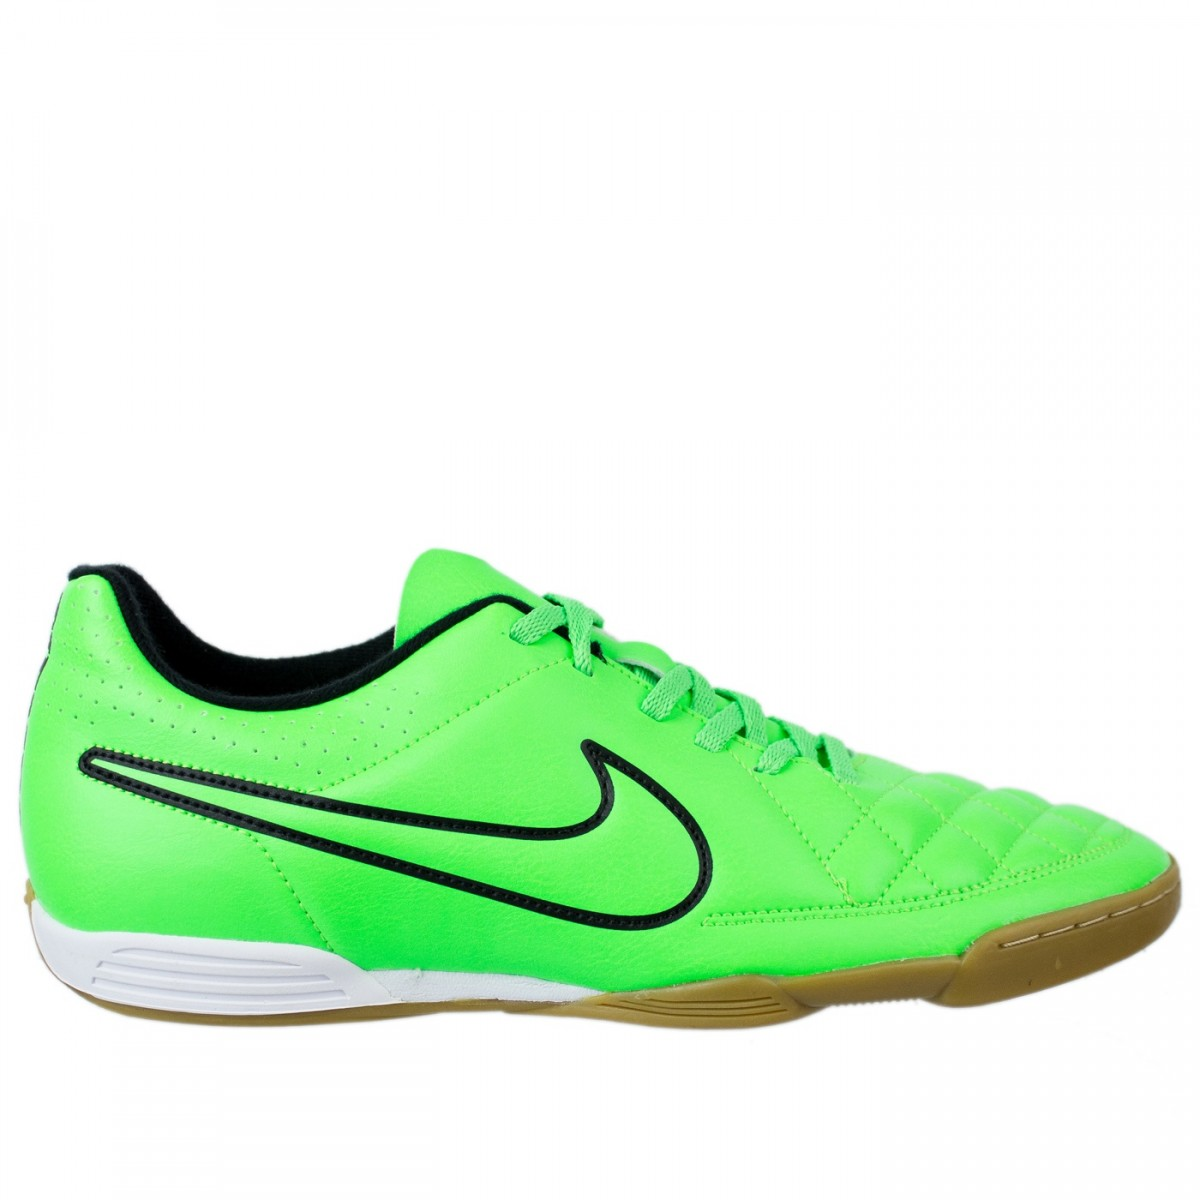 Bizz Store - Chuteira Futsal Nike Tiempo Rio II IC Masculina 73105ae2b6322